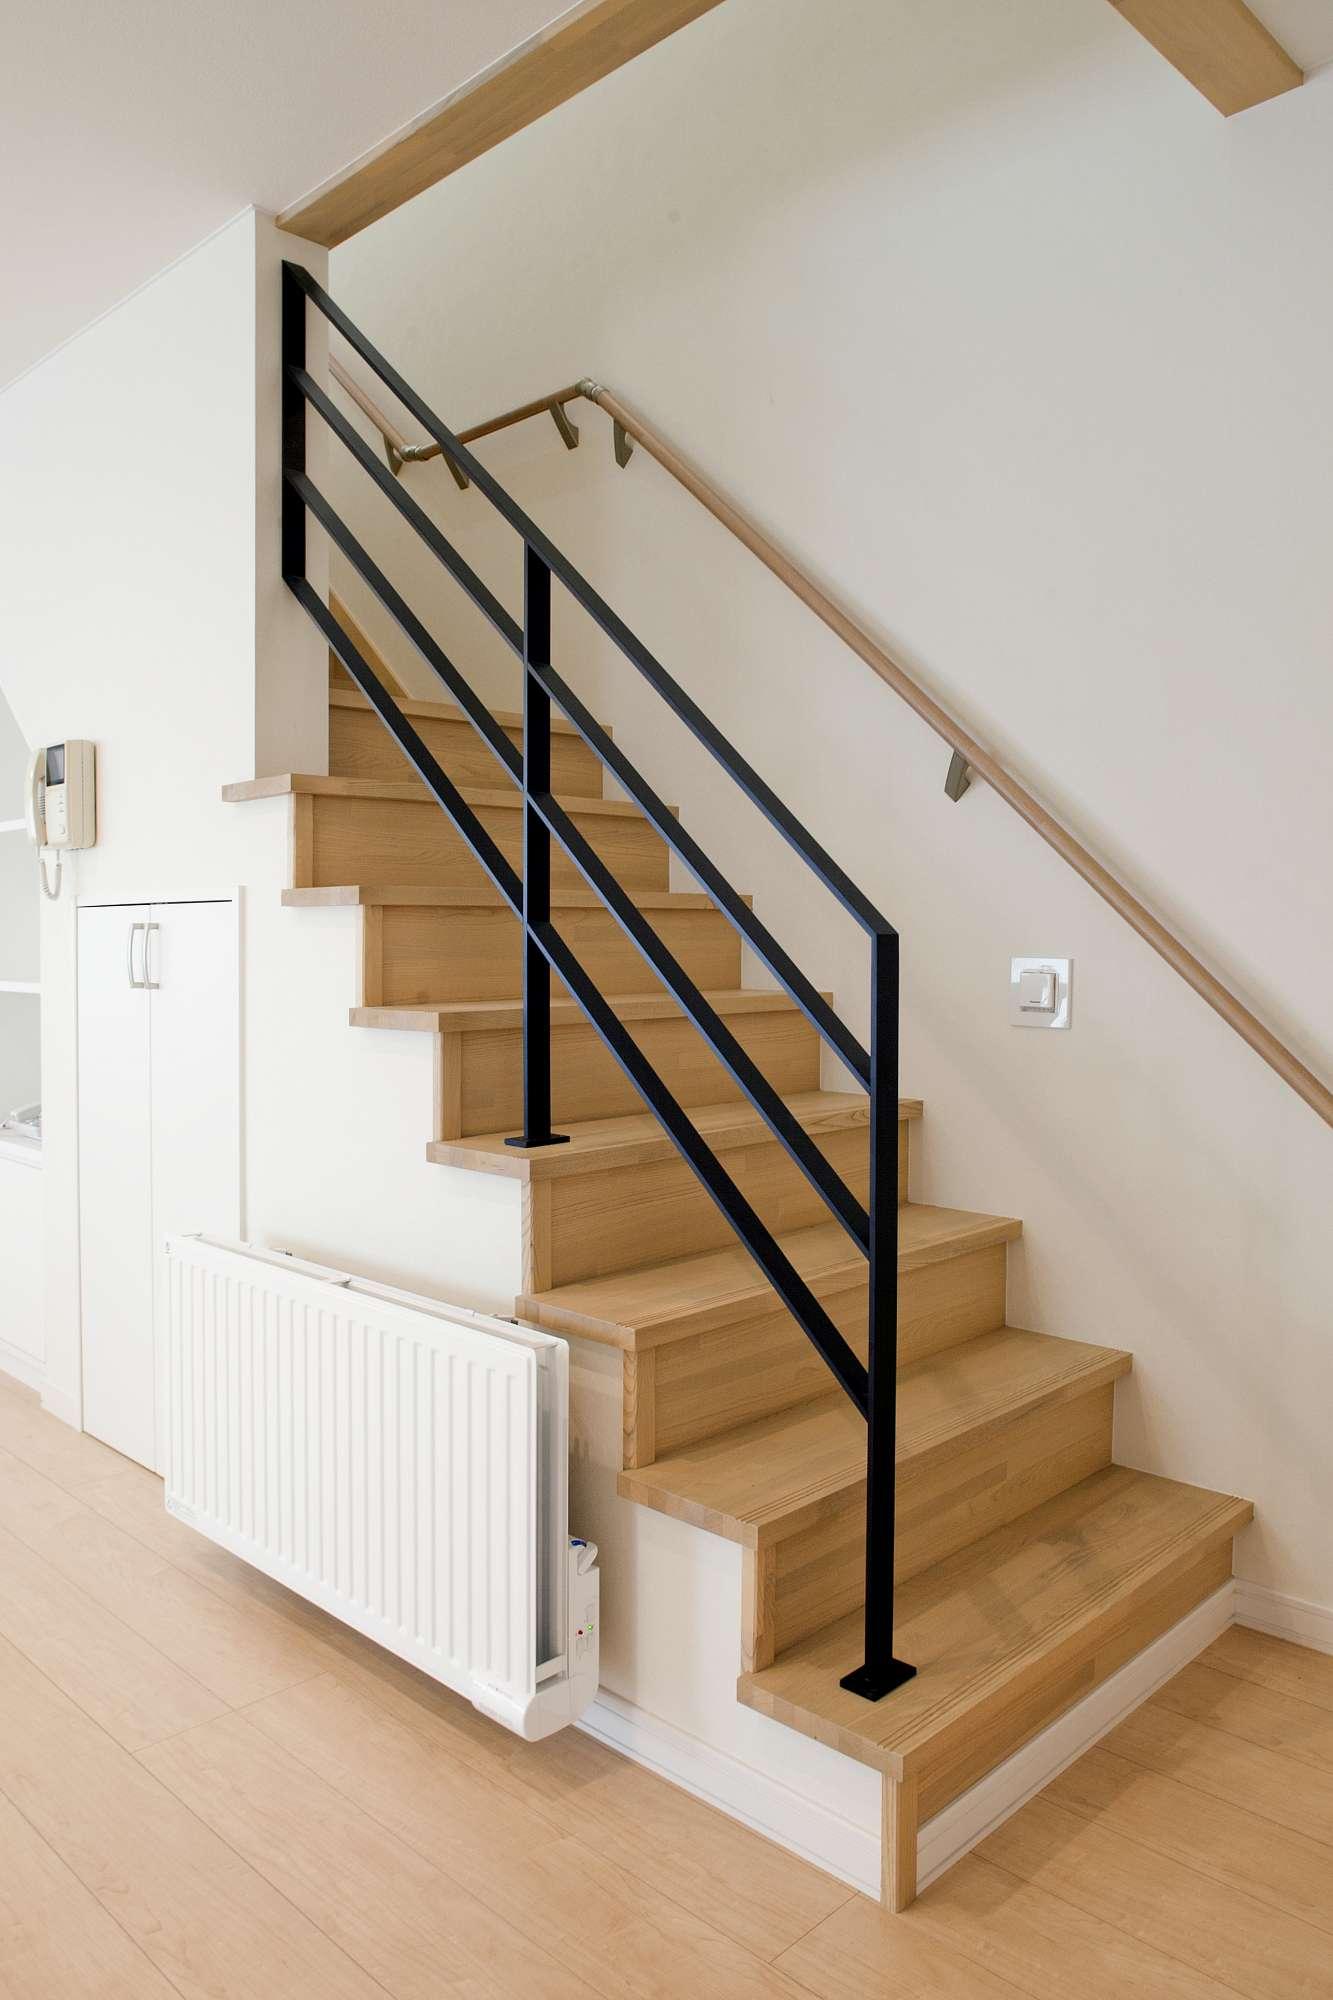 リビングに向けてセミオープンにした階段 -  -  -